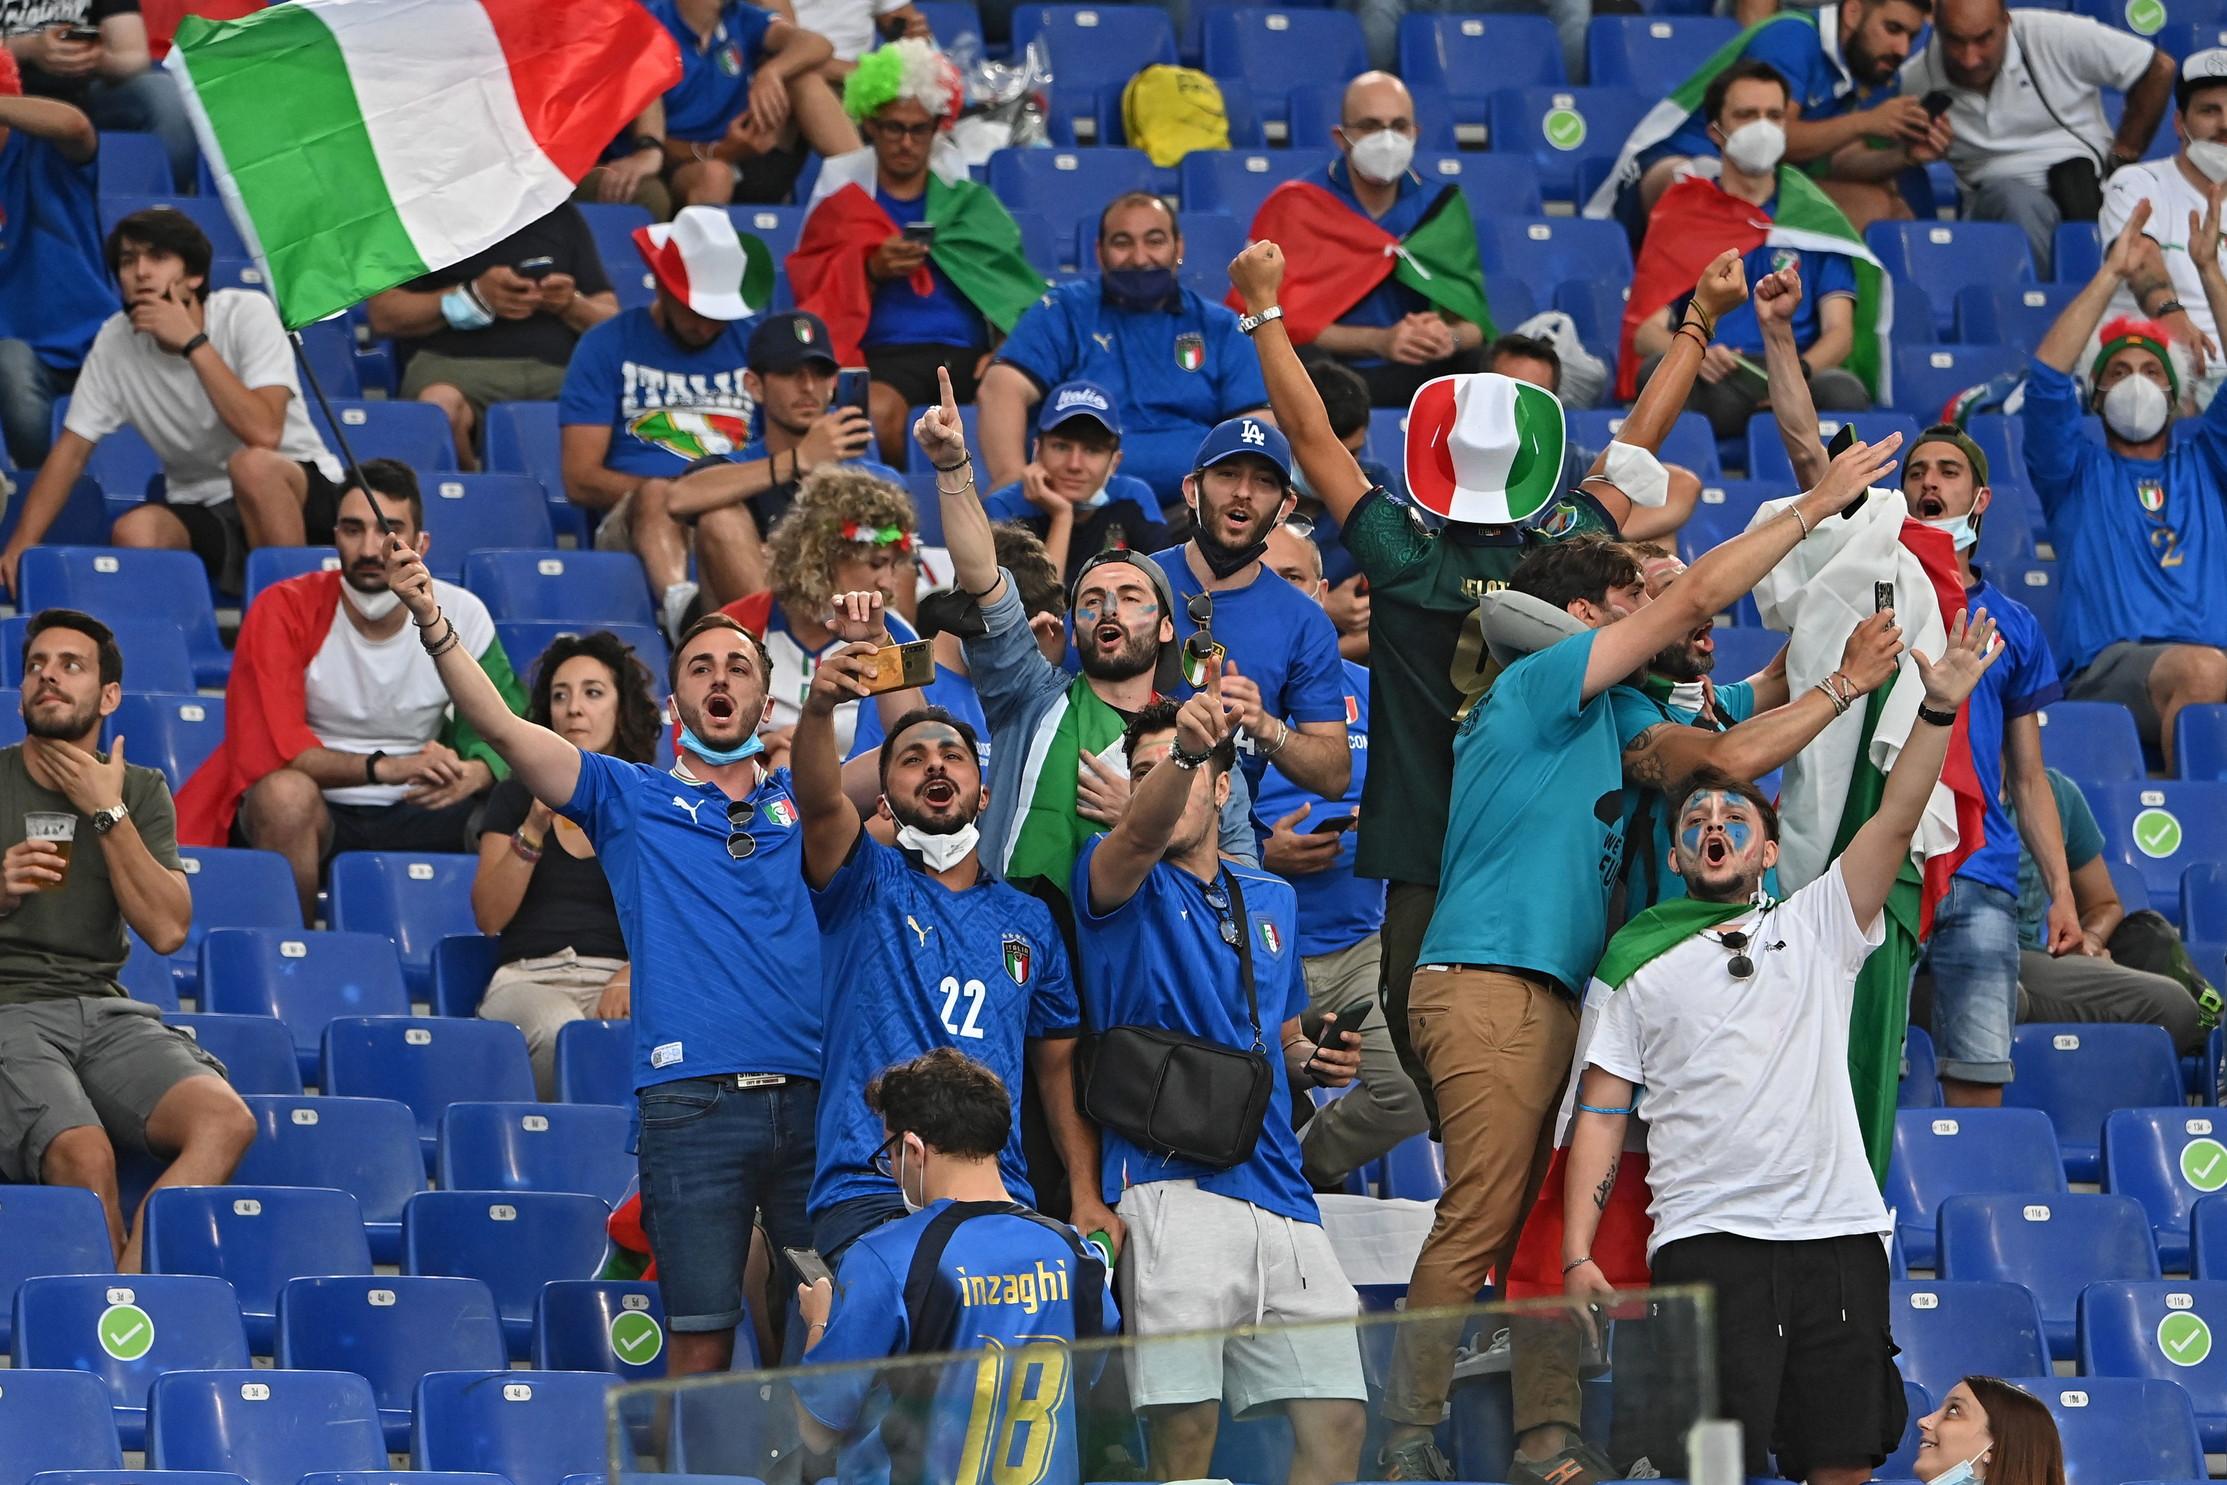 Un autentico boato ha accolto gli Azzurri di Roberto Mancini al loro ingresso in campo per il riscaldamento, prima della partita contro la Svizzera a Euro 2020. Sugli spalti circa 16mila gli spettatori, con una nutrita e colorata presenza elvetica.&nbsp;<br /><br />